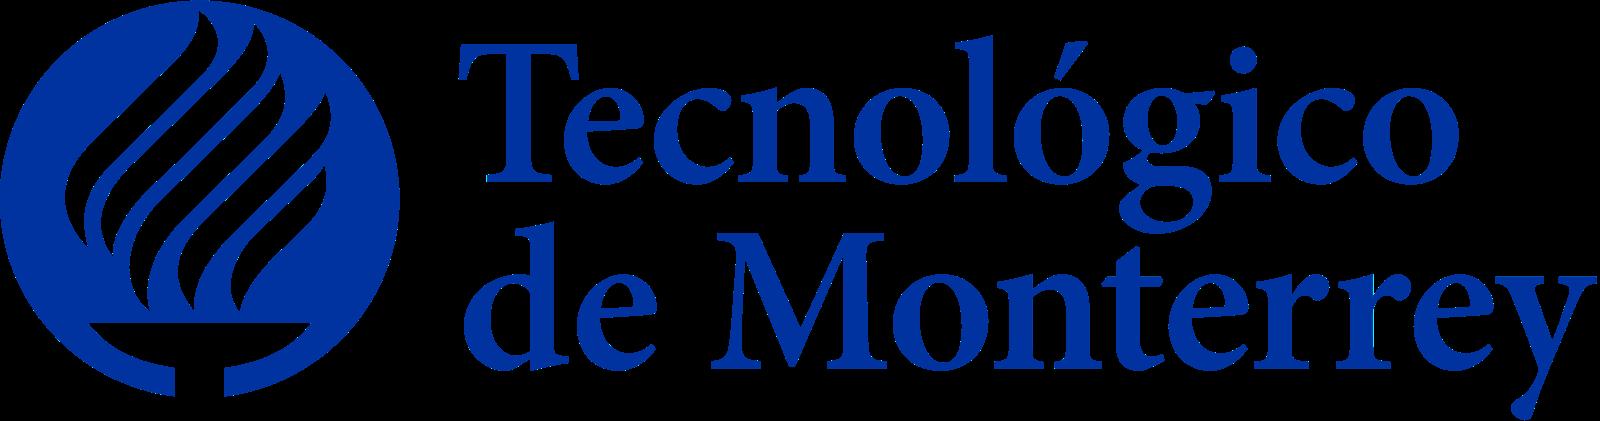 tecnologico-de-monterrey-blue